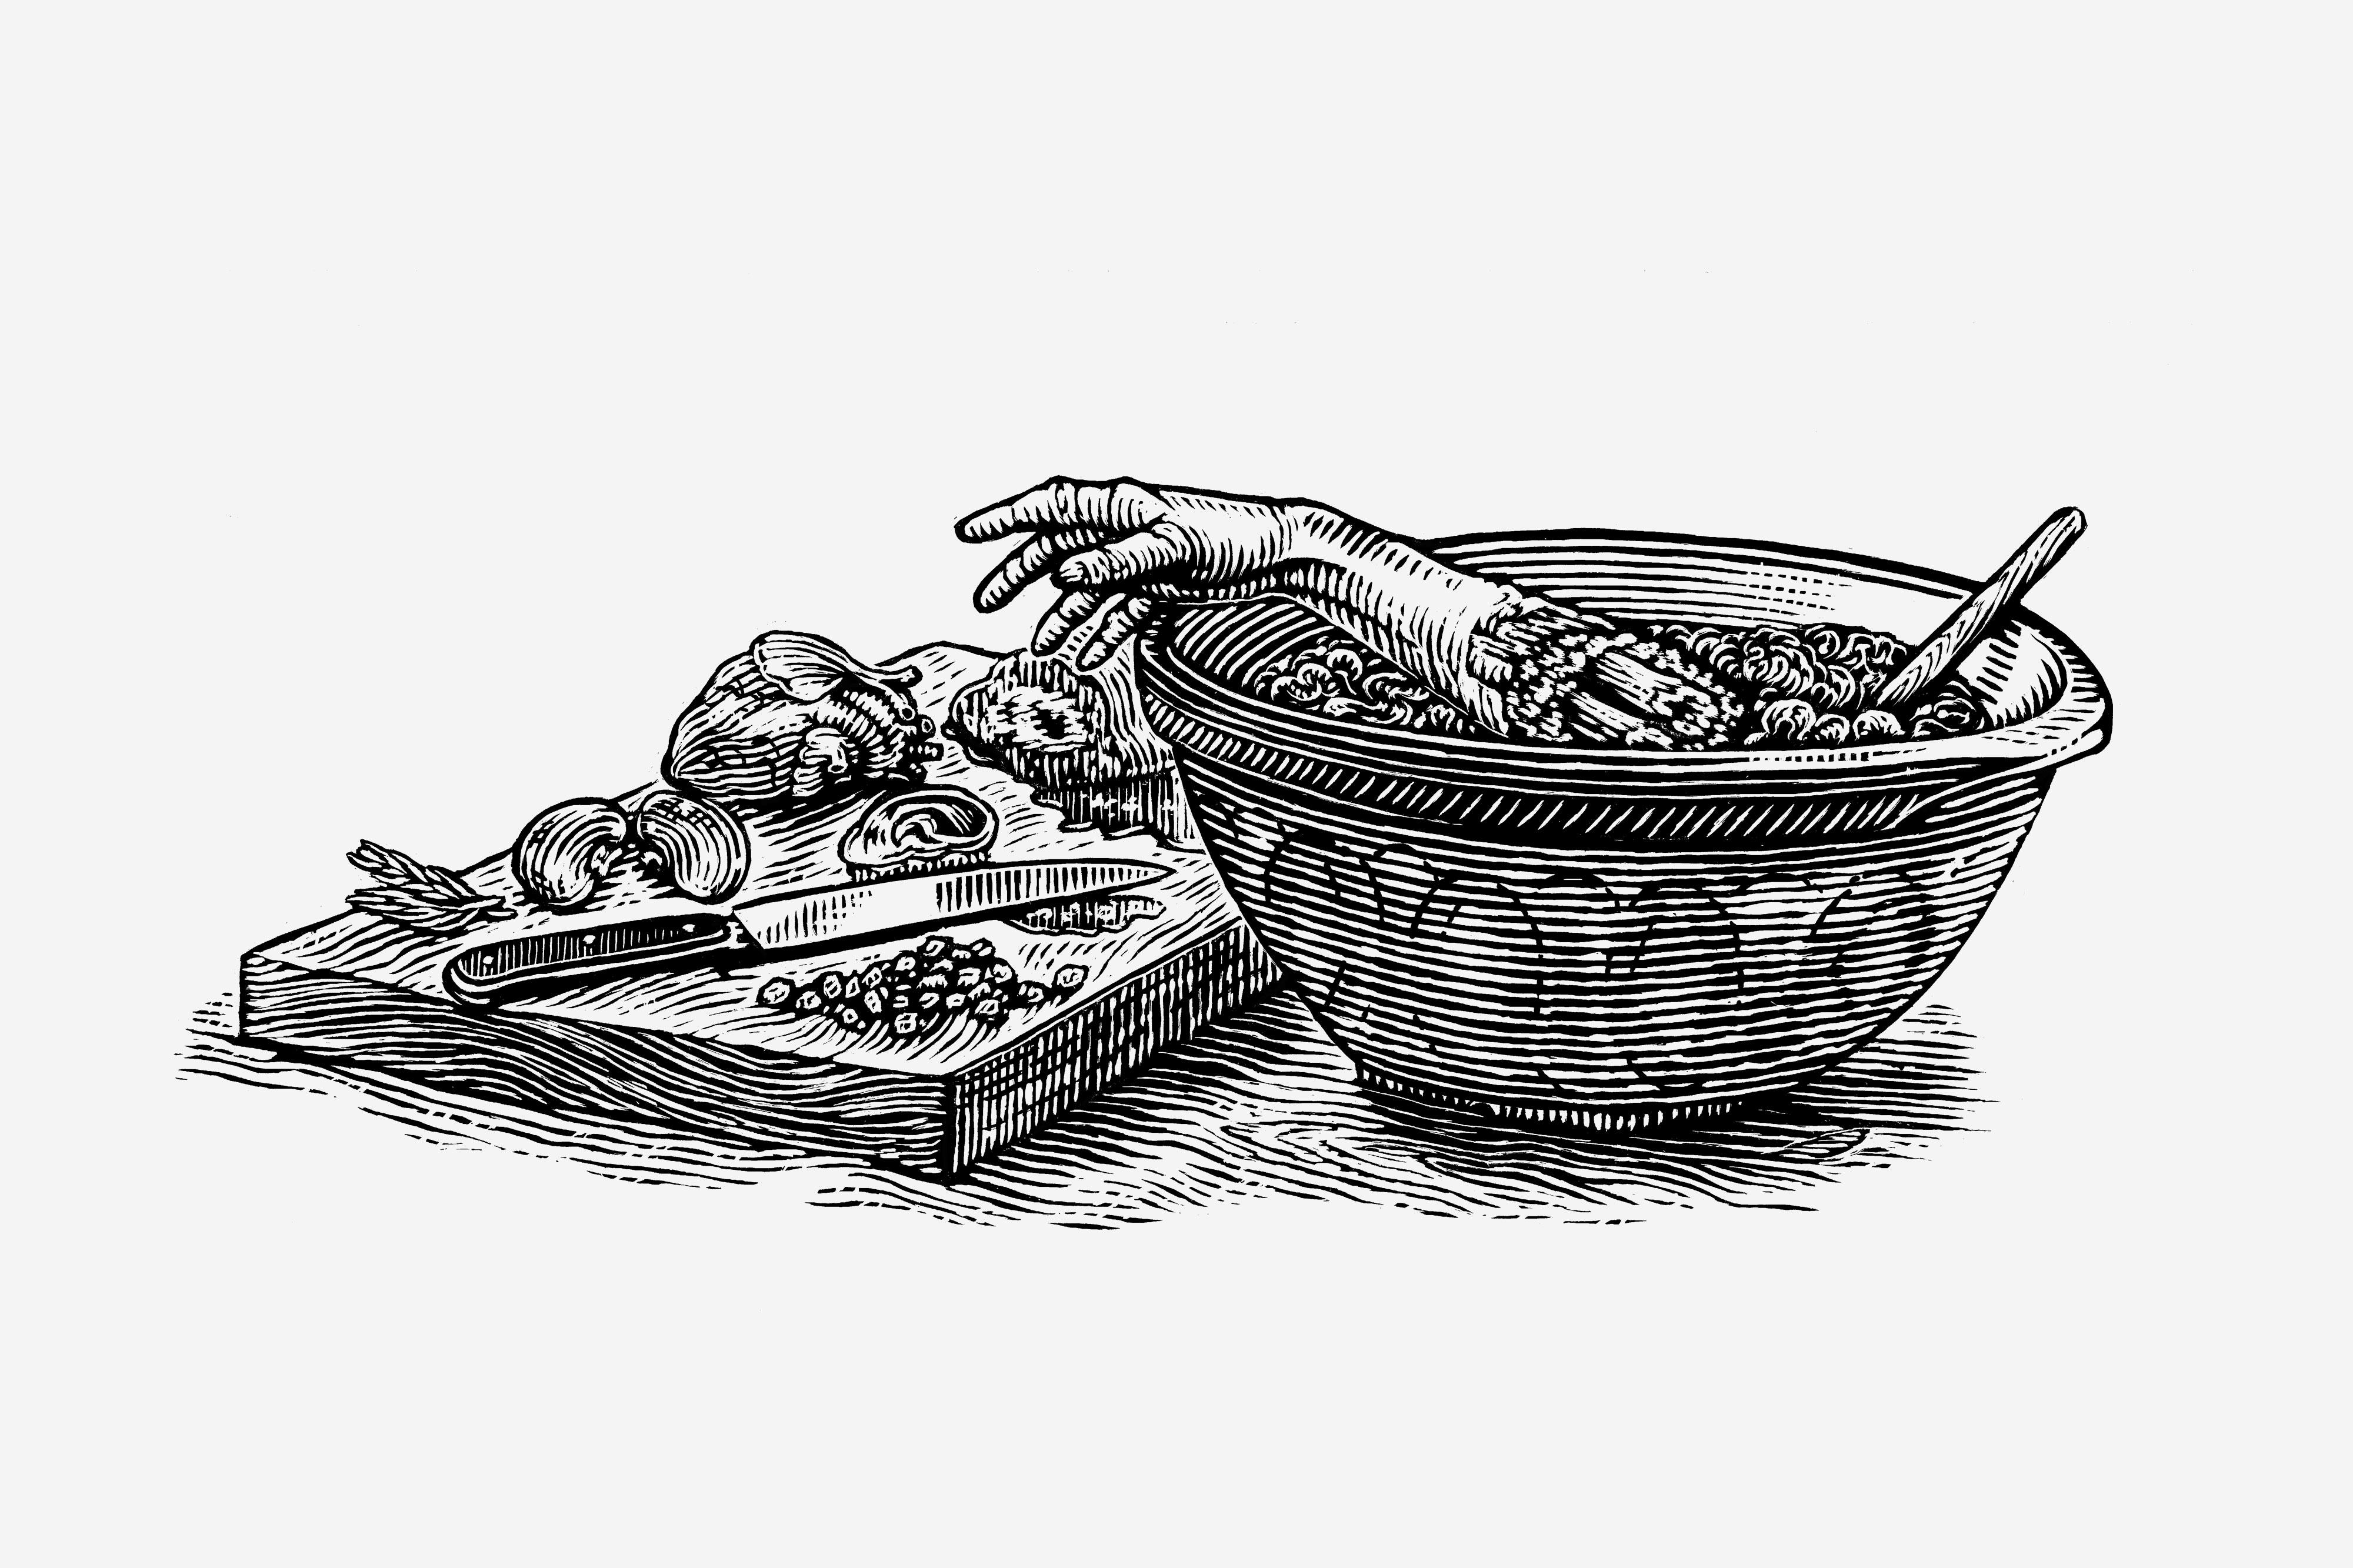 hsms_cookbook_illustration